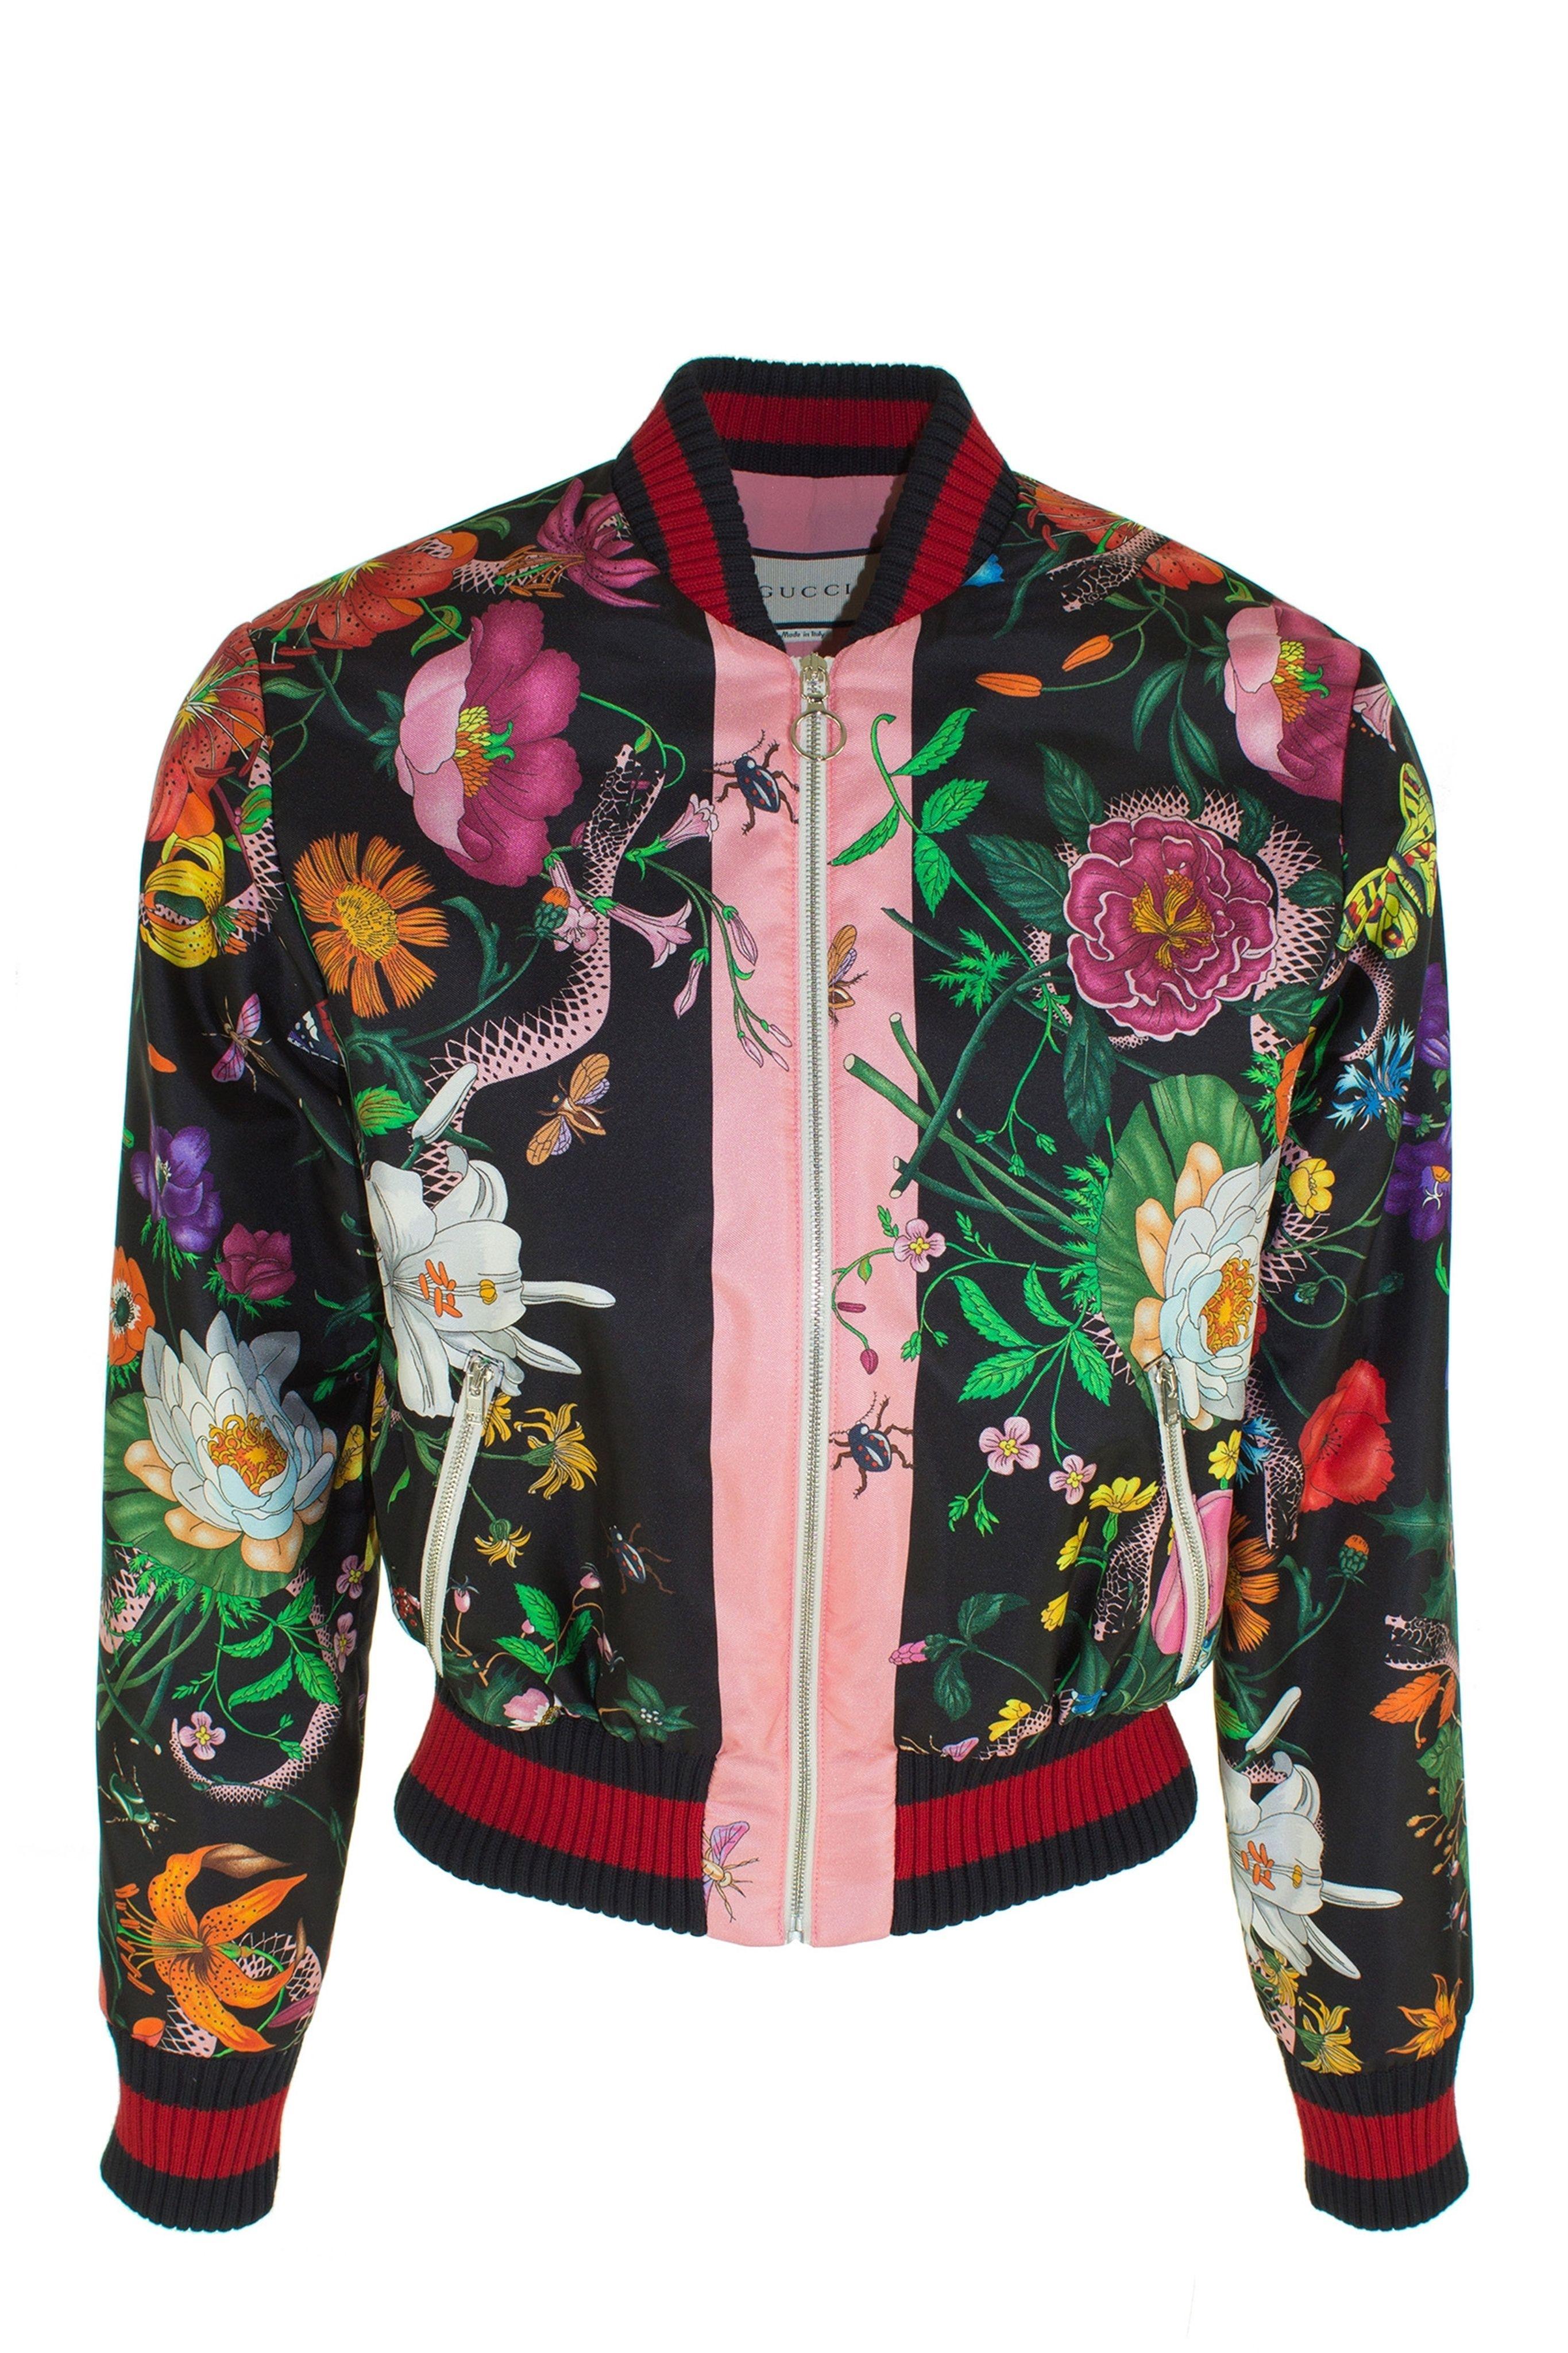 ce20da0a7fa8 Bomber fleuri - gucci   Flowers in the fashion, fleurs dans la mode ...